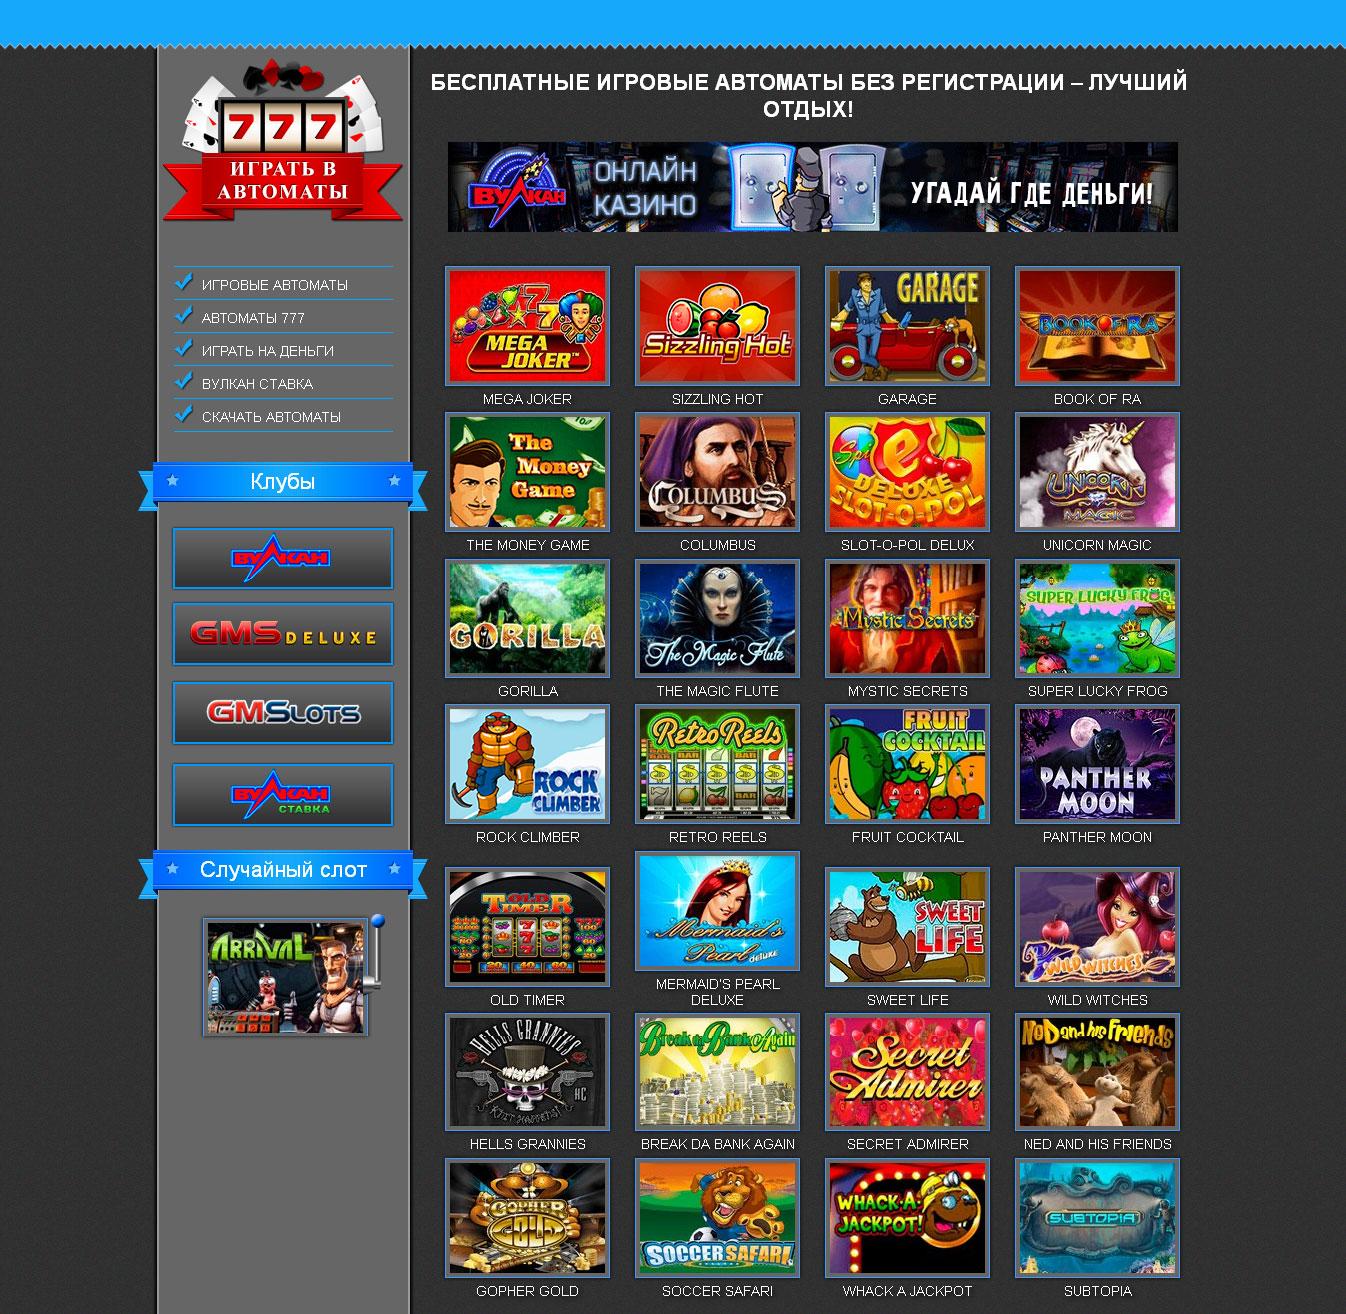 Бесплатные игровые автоматы без регистрации – лучший отдых!